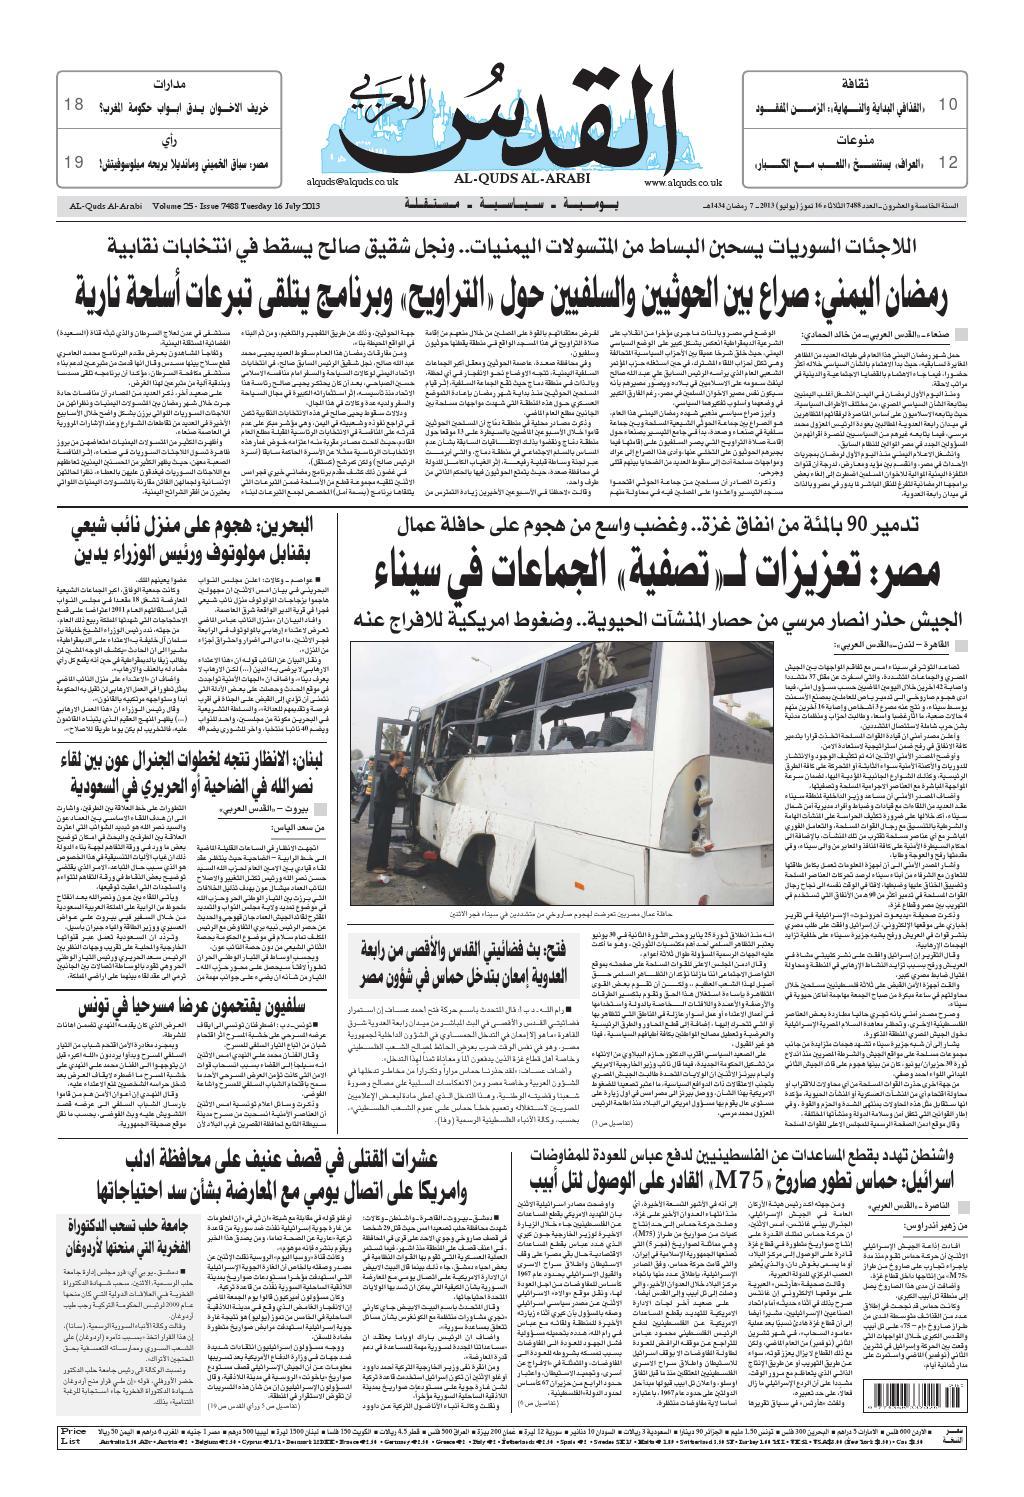 48312a206 صحيفة القدس العربي , الثلاثاء 16.07.2013 by مركز الحدث - issuu